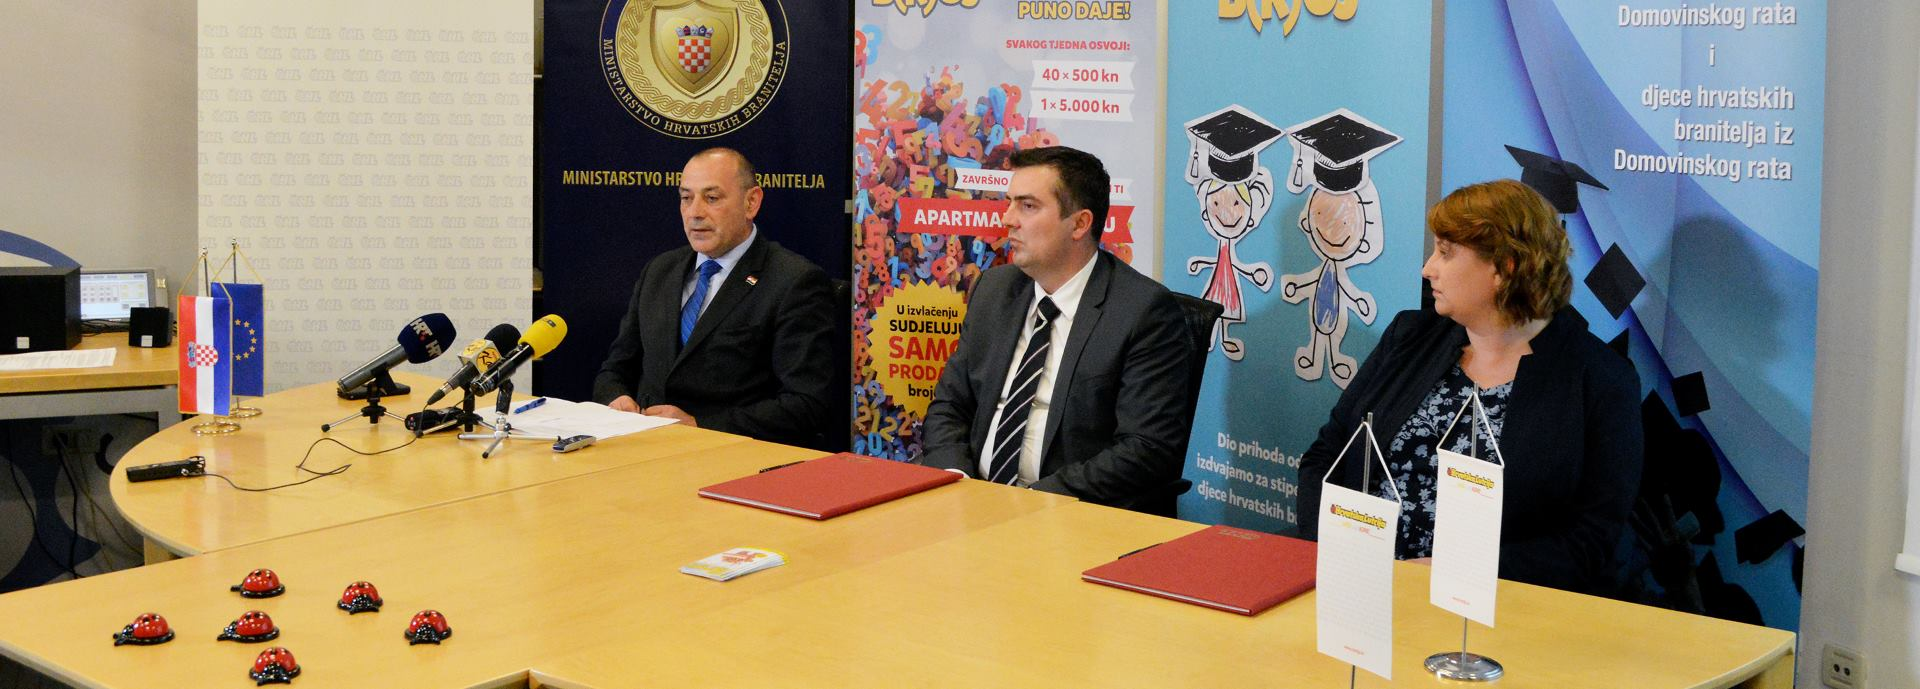 Hrvatska Lutrija potpisala Sporazum o suradnji s Fondom za stipendiranje hrvatskih branitelja i djece branitelja iz Domovinskog rata